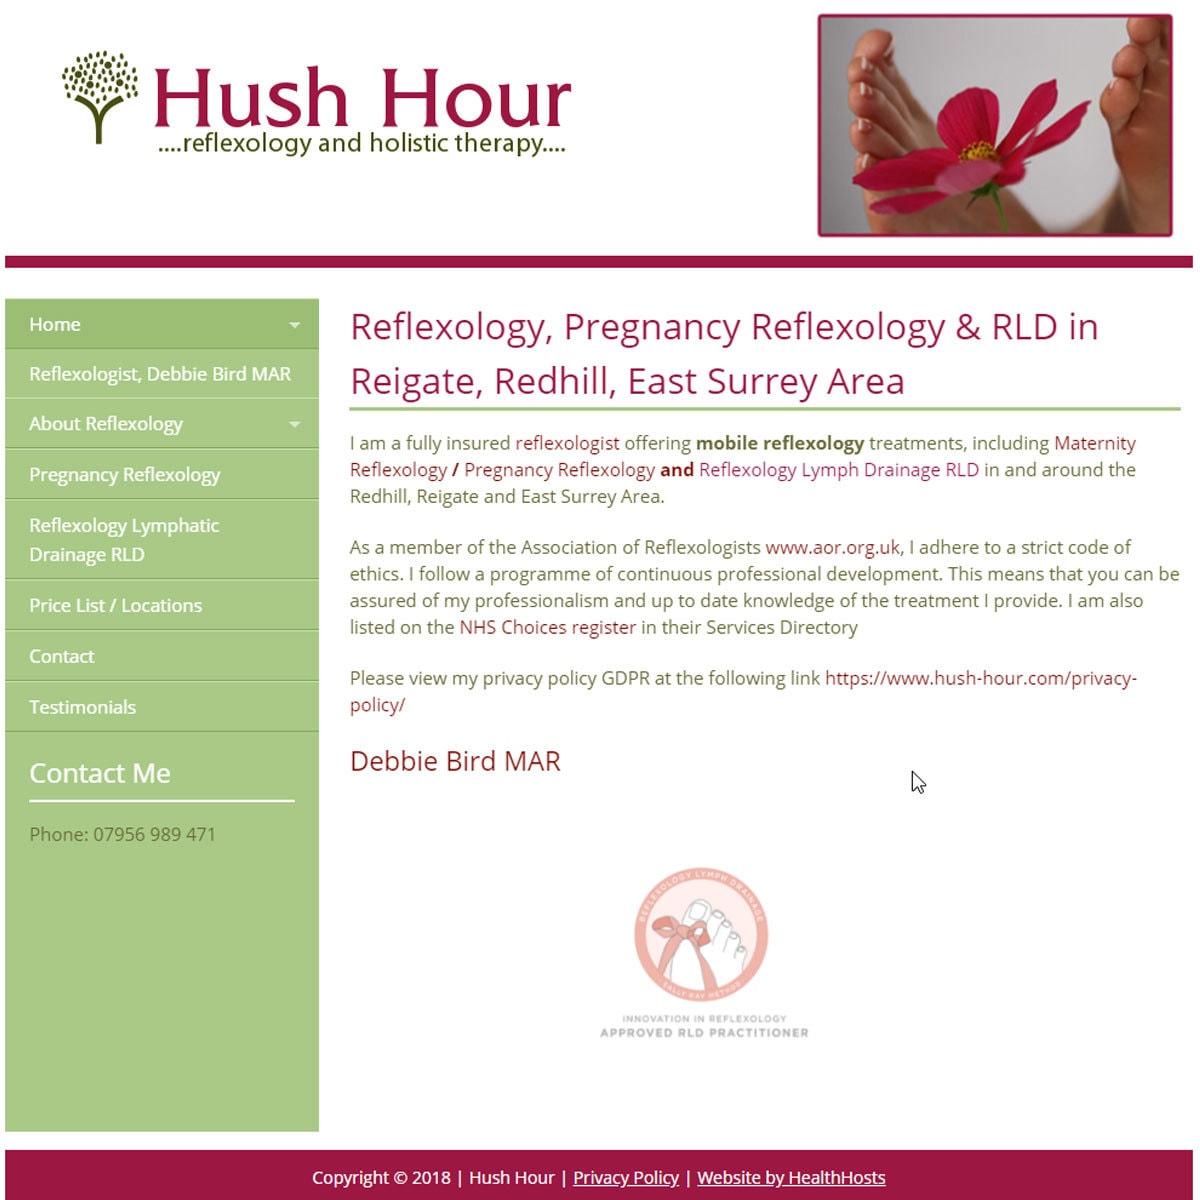 hush-hour